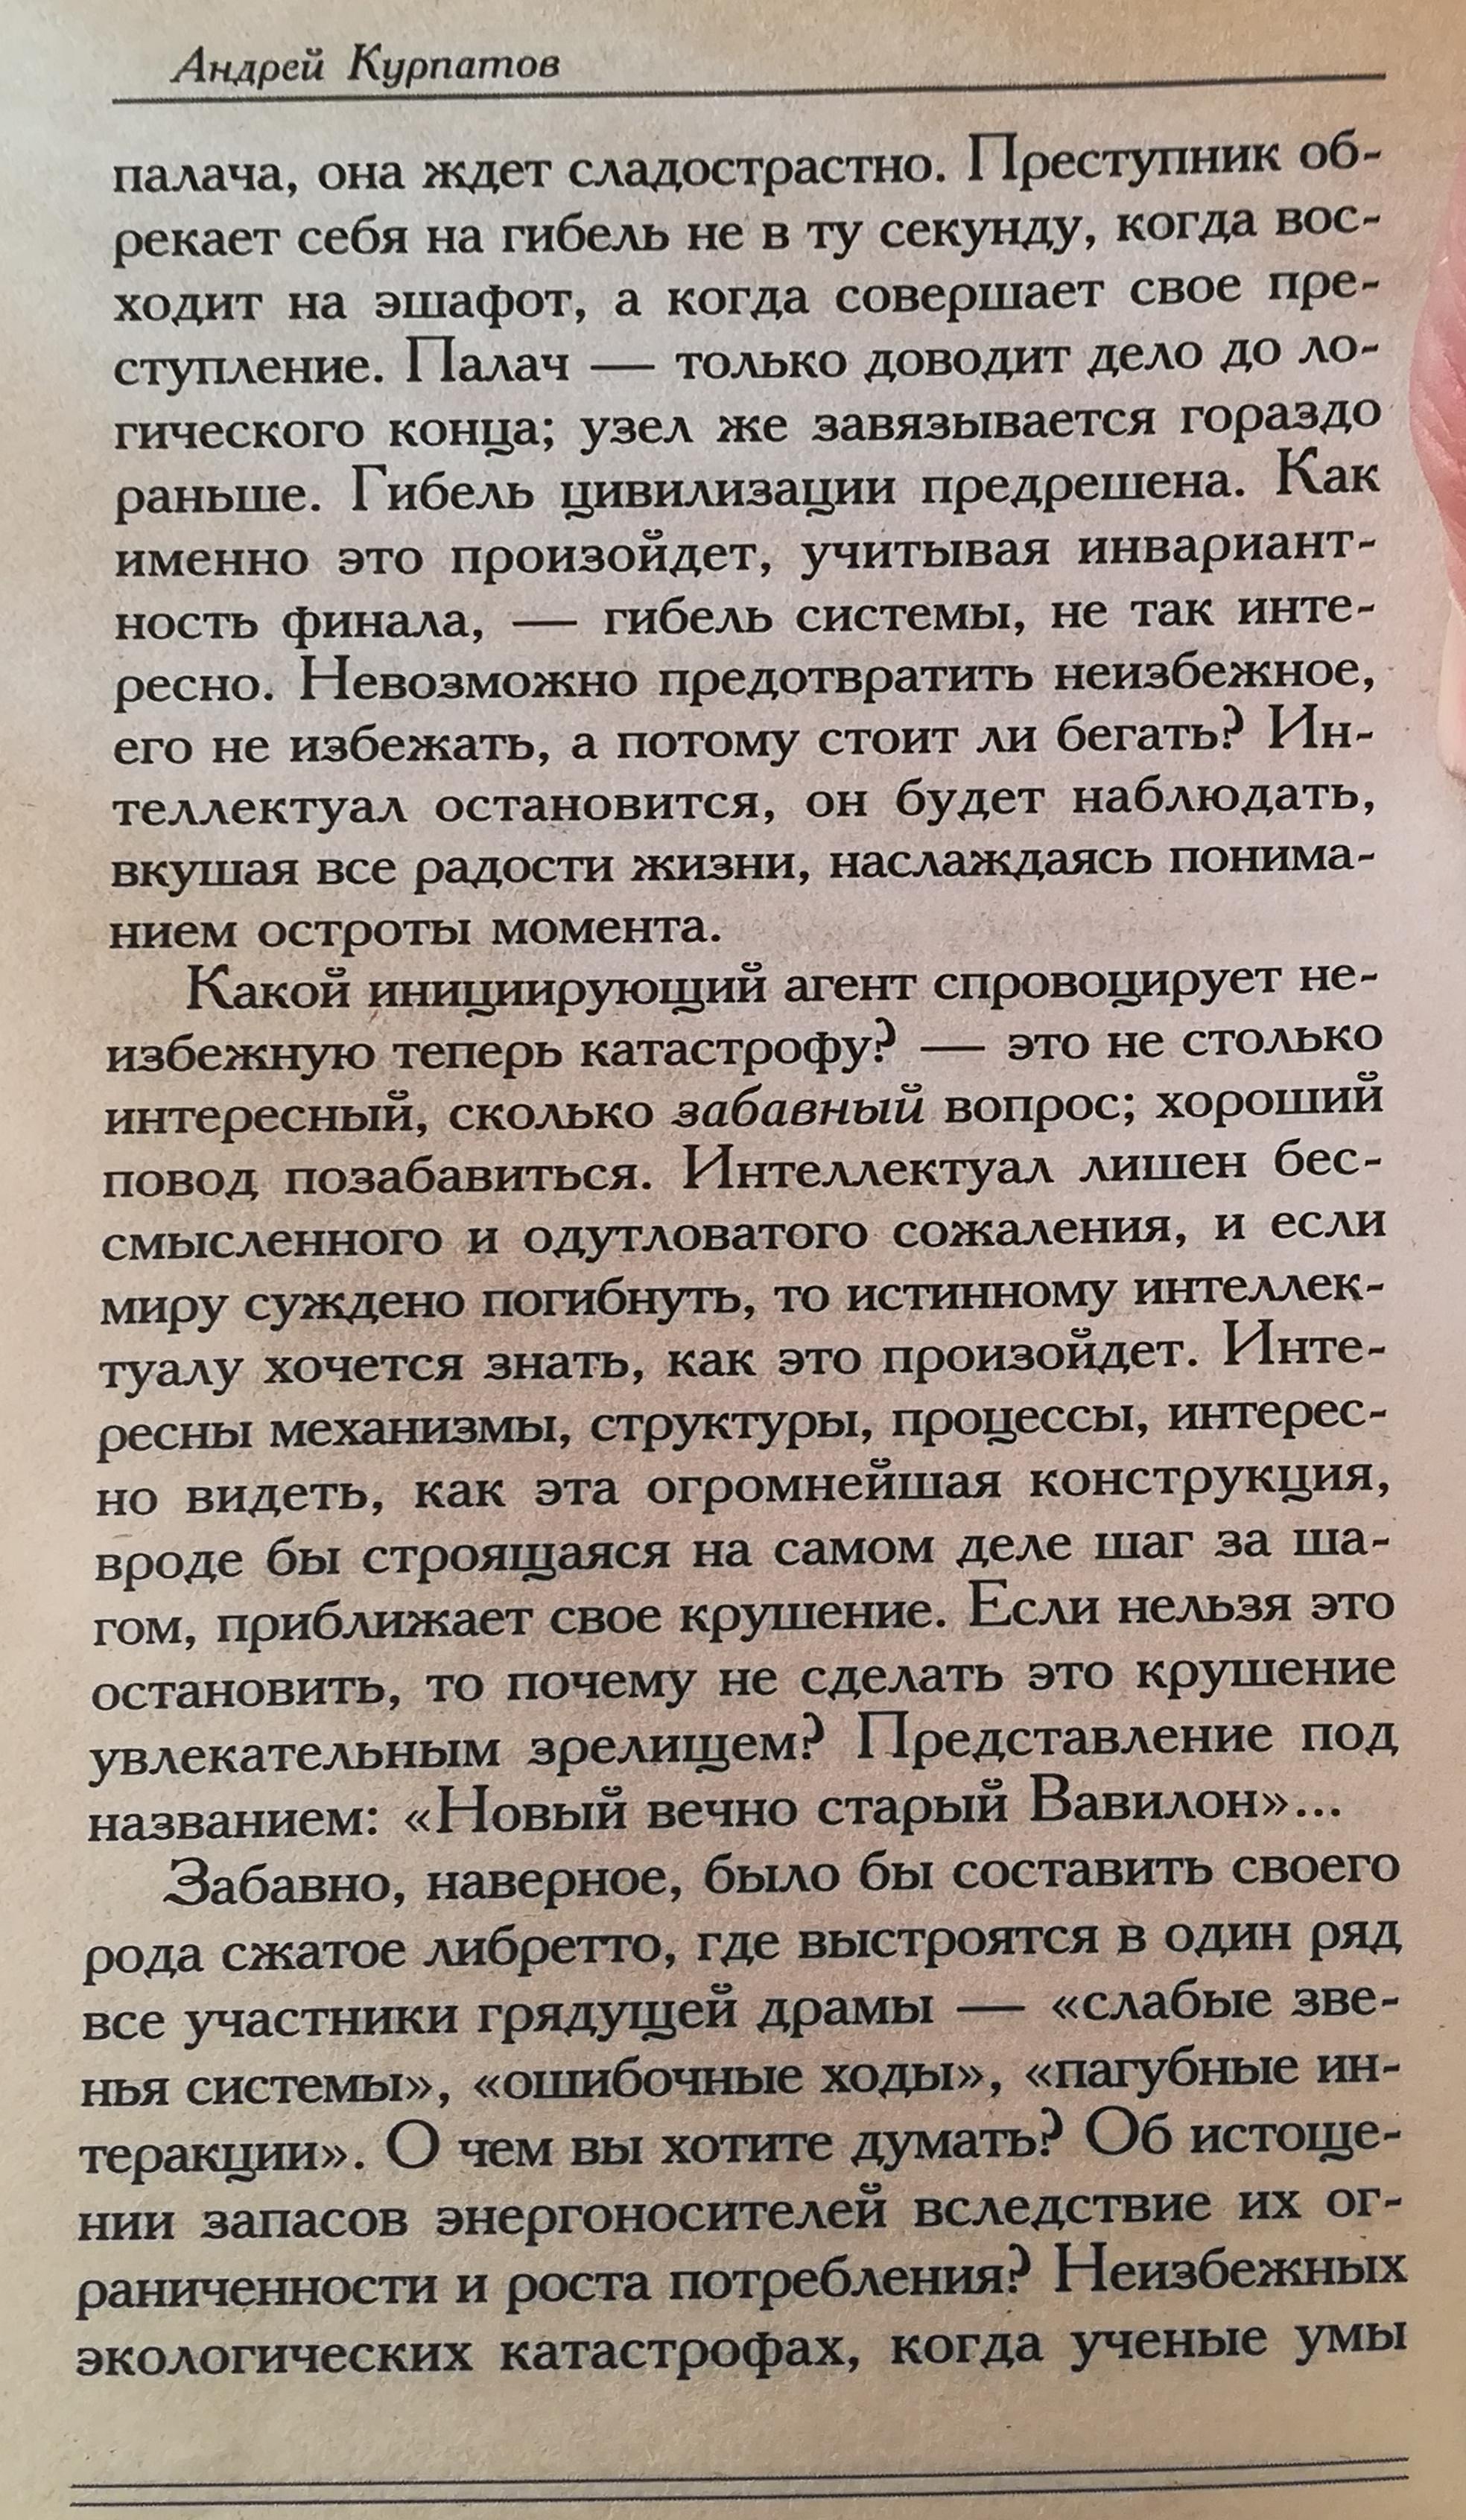 Andresi Kurpatovi eneseabi filosoofias  Kurpatov_148